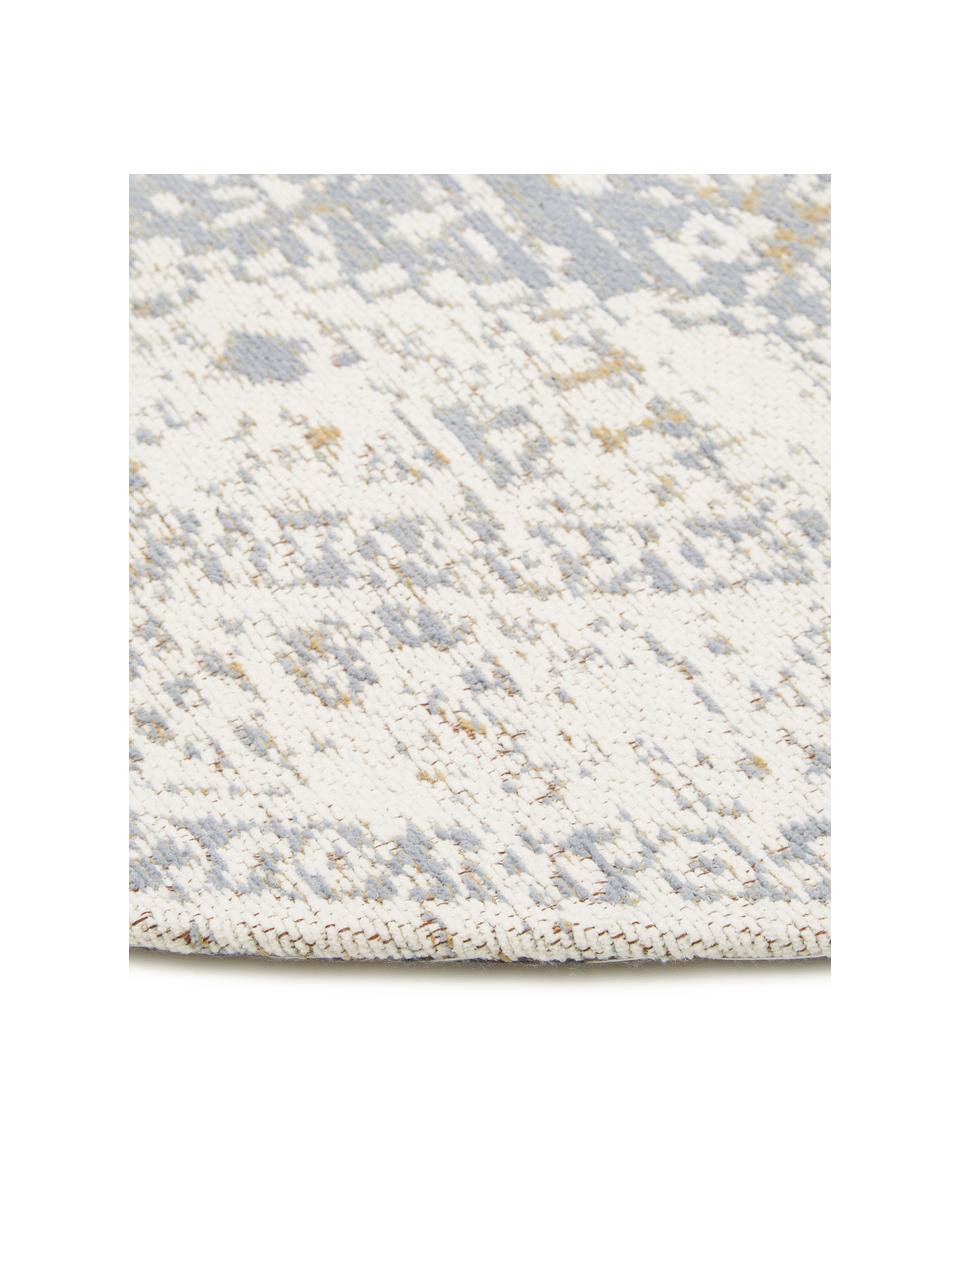 Runder Chenilleteppich Neapel im Vintage Style, handgewebt, Flor: 95% Baumwolle, 5% Polyest, Hellgrau, Creme, Taupe, Ø 150 cm (Größe M)